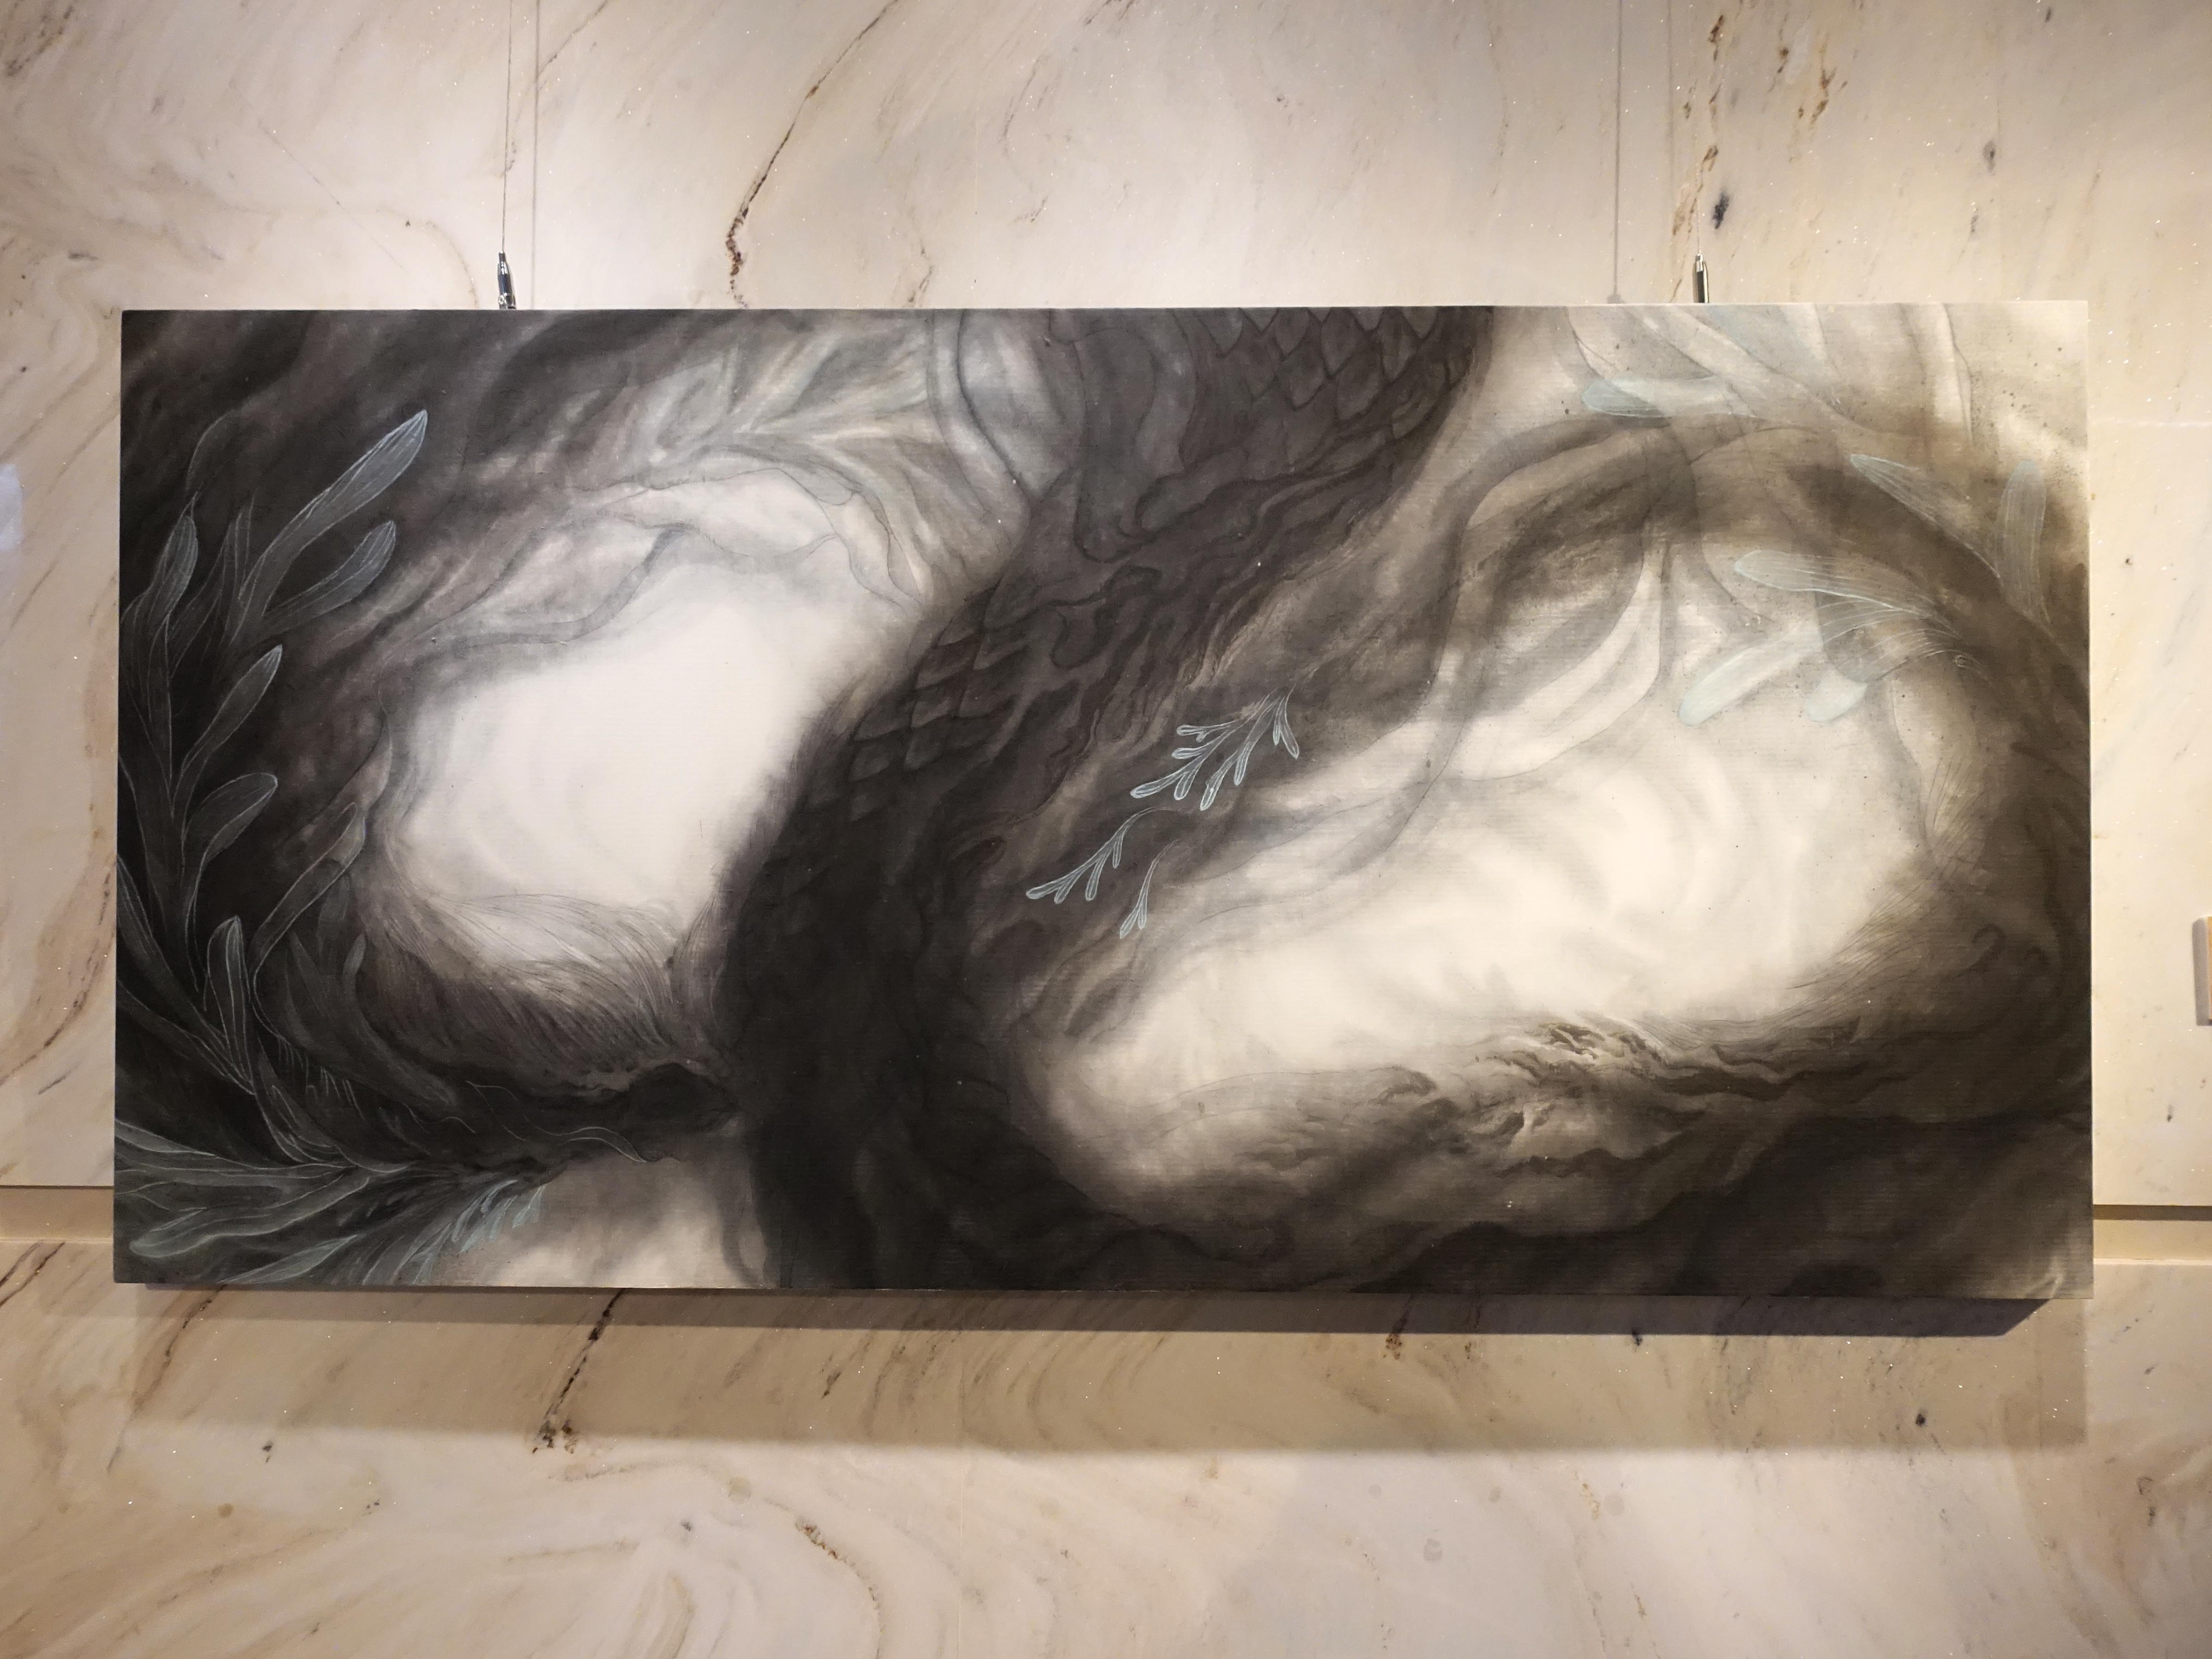 林昱均,《在淵》,水墨紙本,72x141cm,2020。